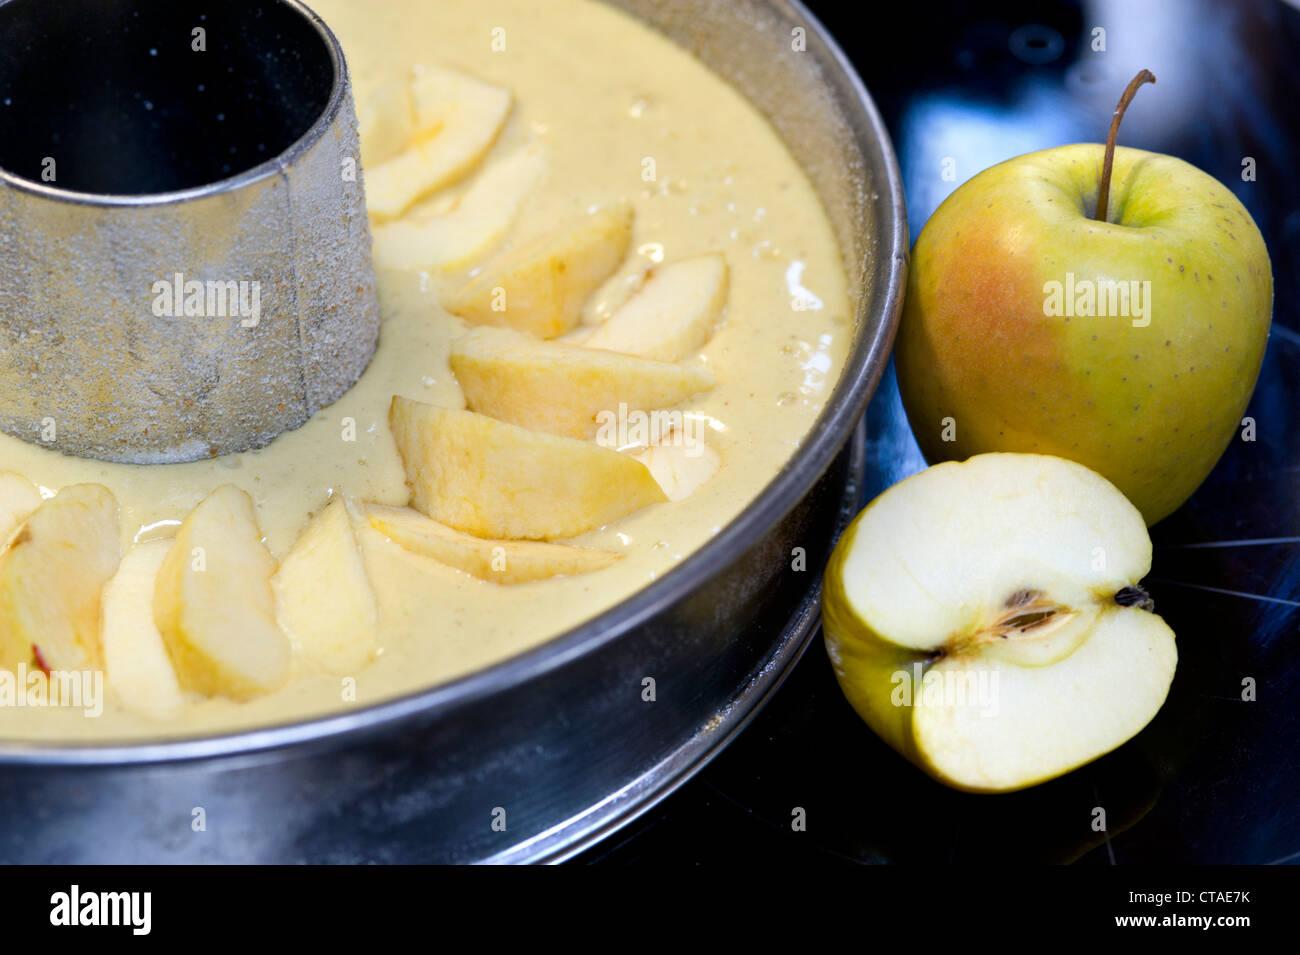 Appels vicino a una teglia da forno con la pasta e la torta di mele, Alto Adige, Trentino Alto Adige, Italia Immagini Stock